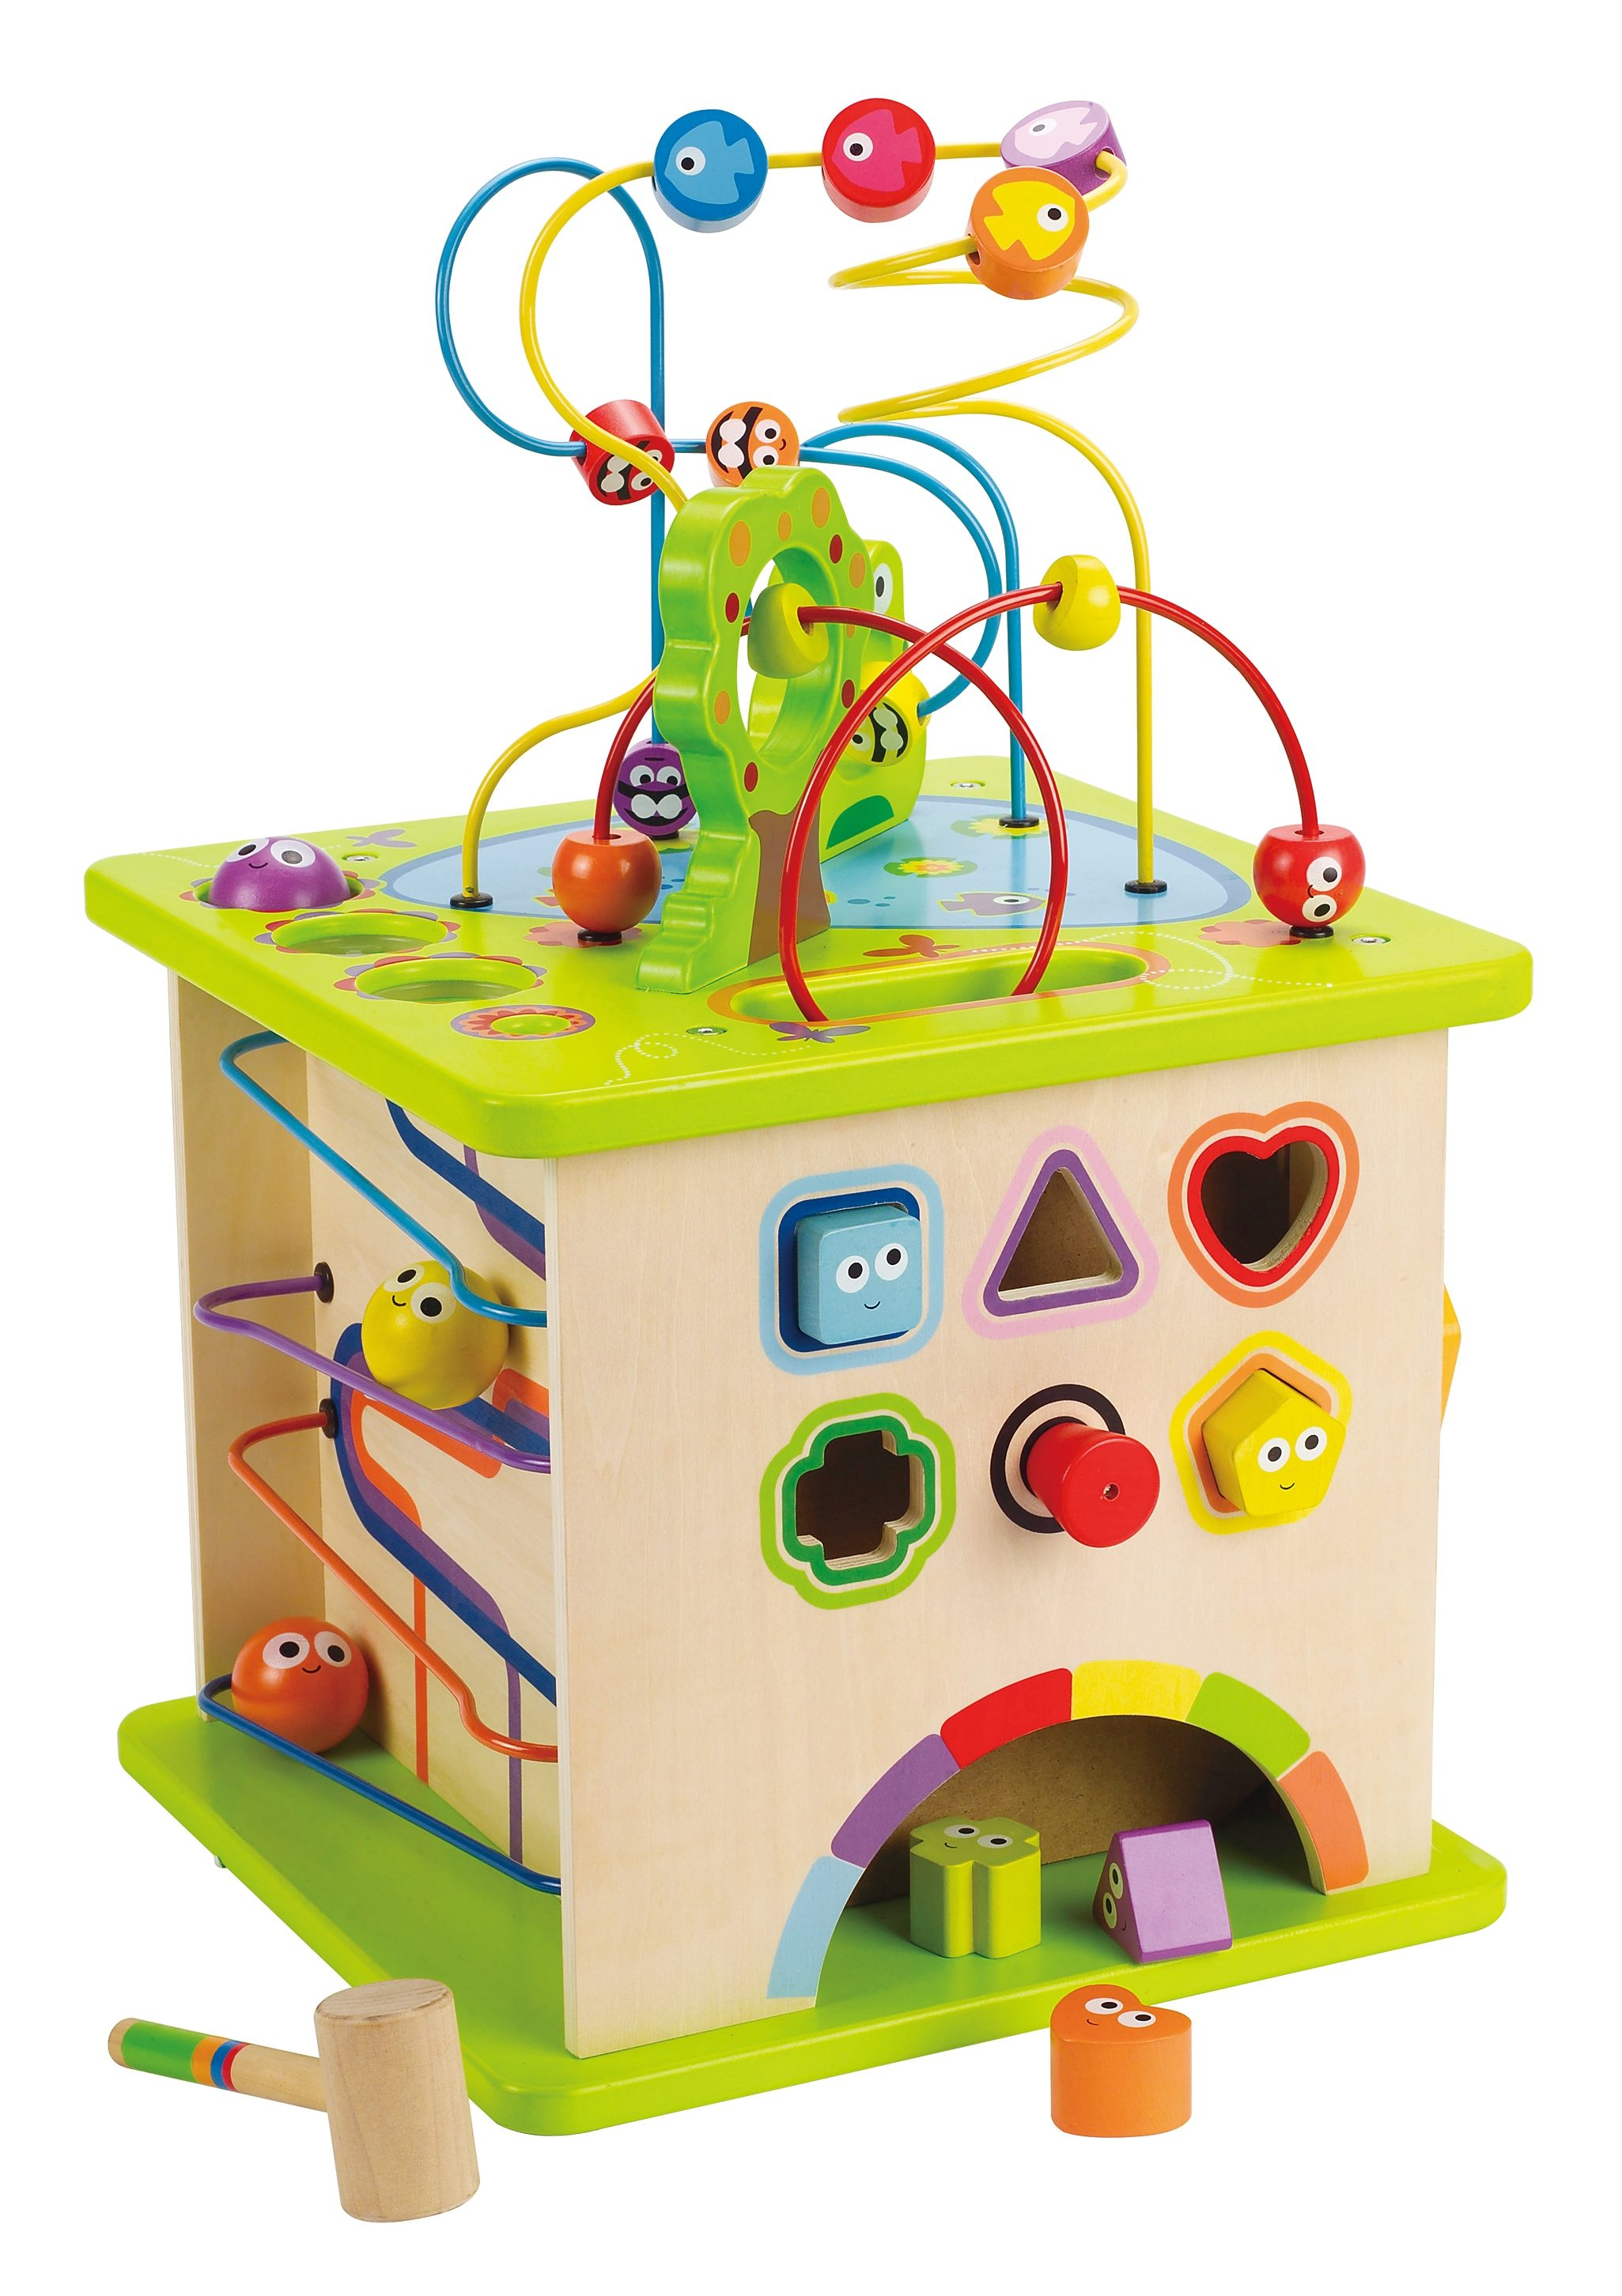 Hape Motorikwürfel Kleine Tierchen bunt Kinder Holzspielzeug